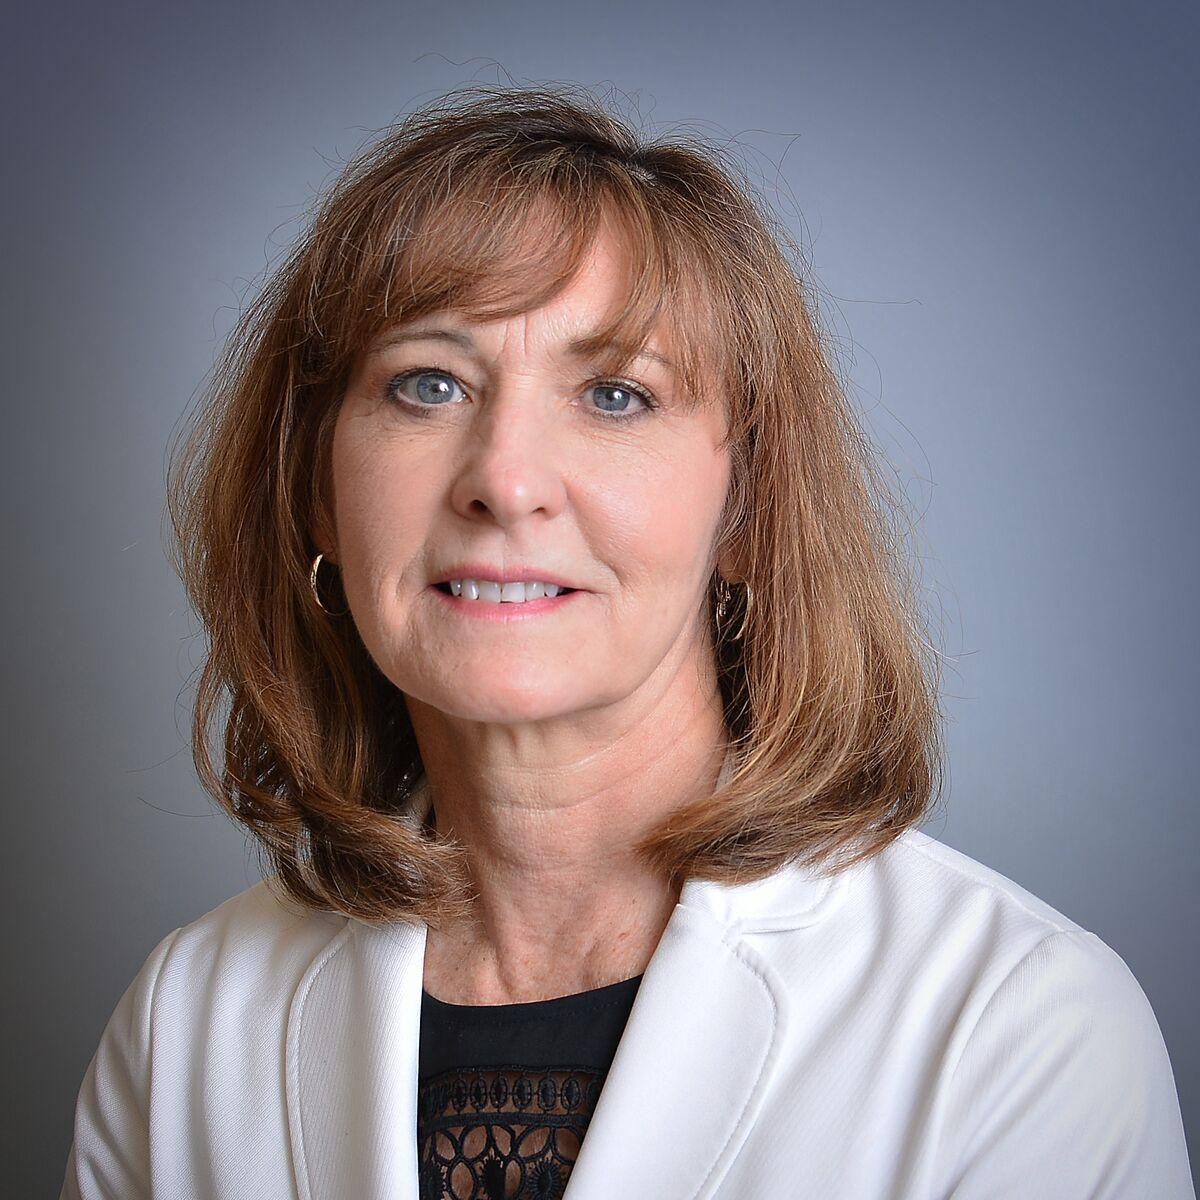 Dr. Linnette Sells